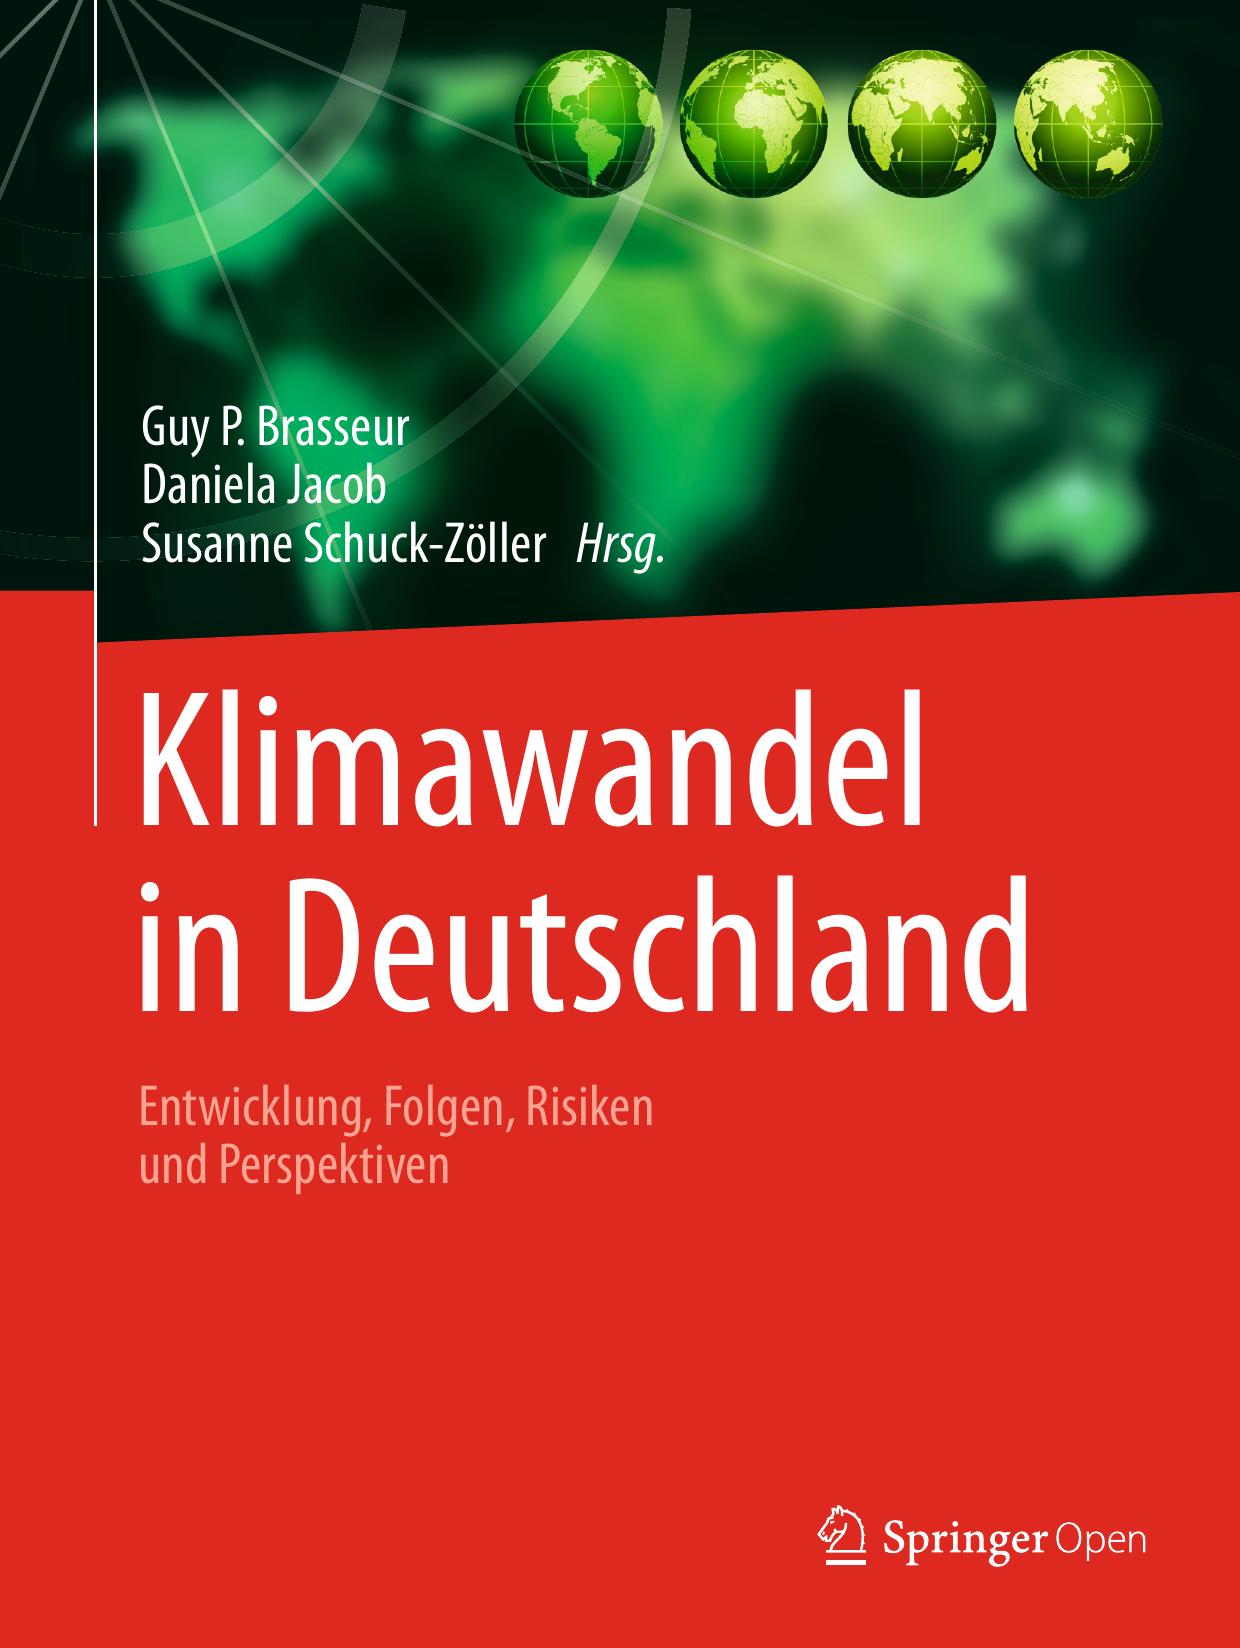 Klimawandel in Deutschland - Scienze naturali Svizzera